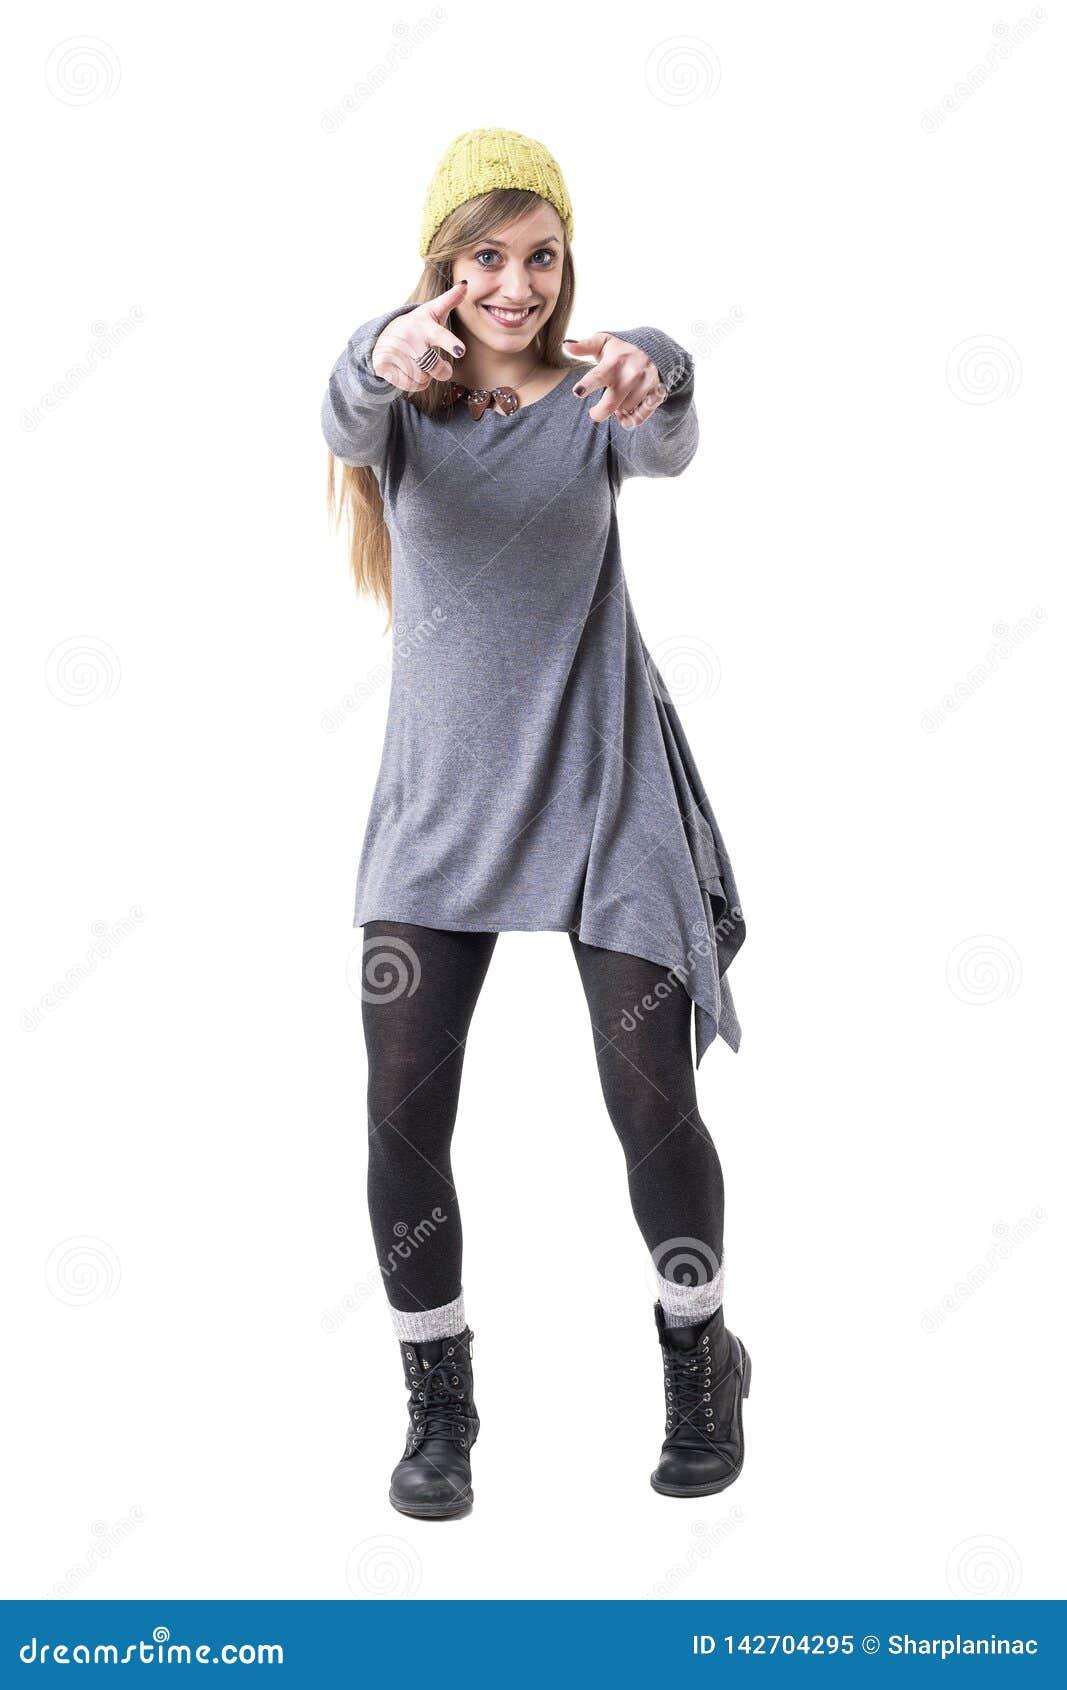 Δροσερή φοβιτσιάρης μοντέρνη νέα ευτυχής γυναίκα στην τινίκ που δείχνει και που επιλέγει σας ως νικητή